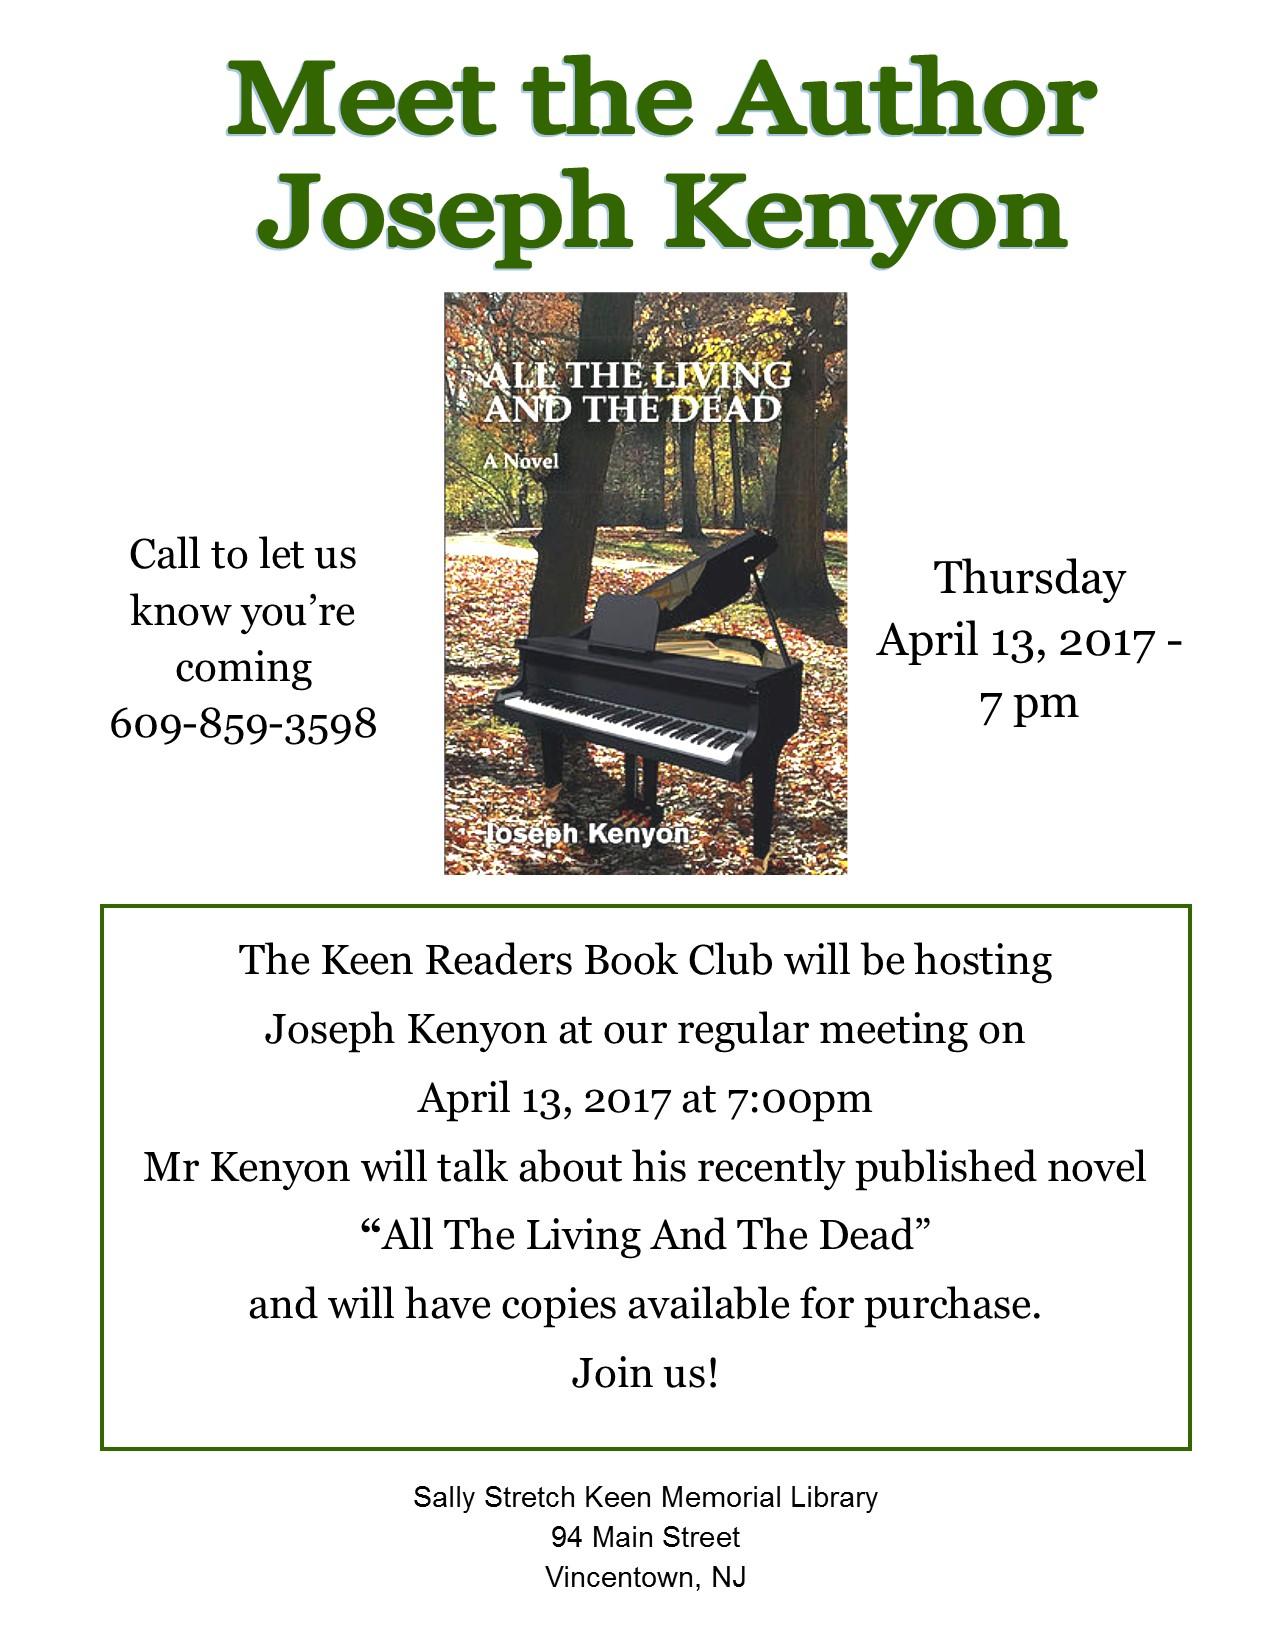 Joseph Kenyon